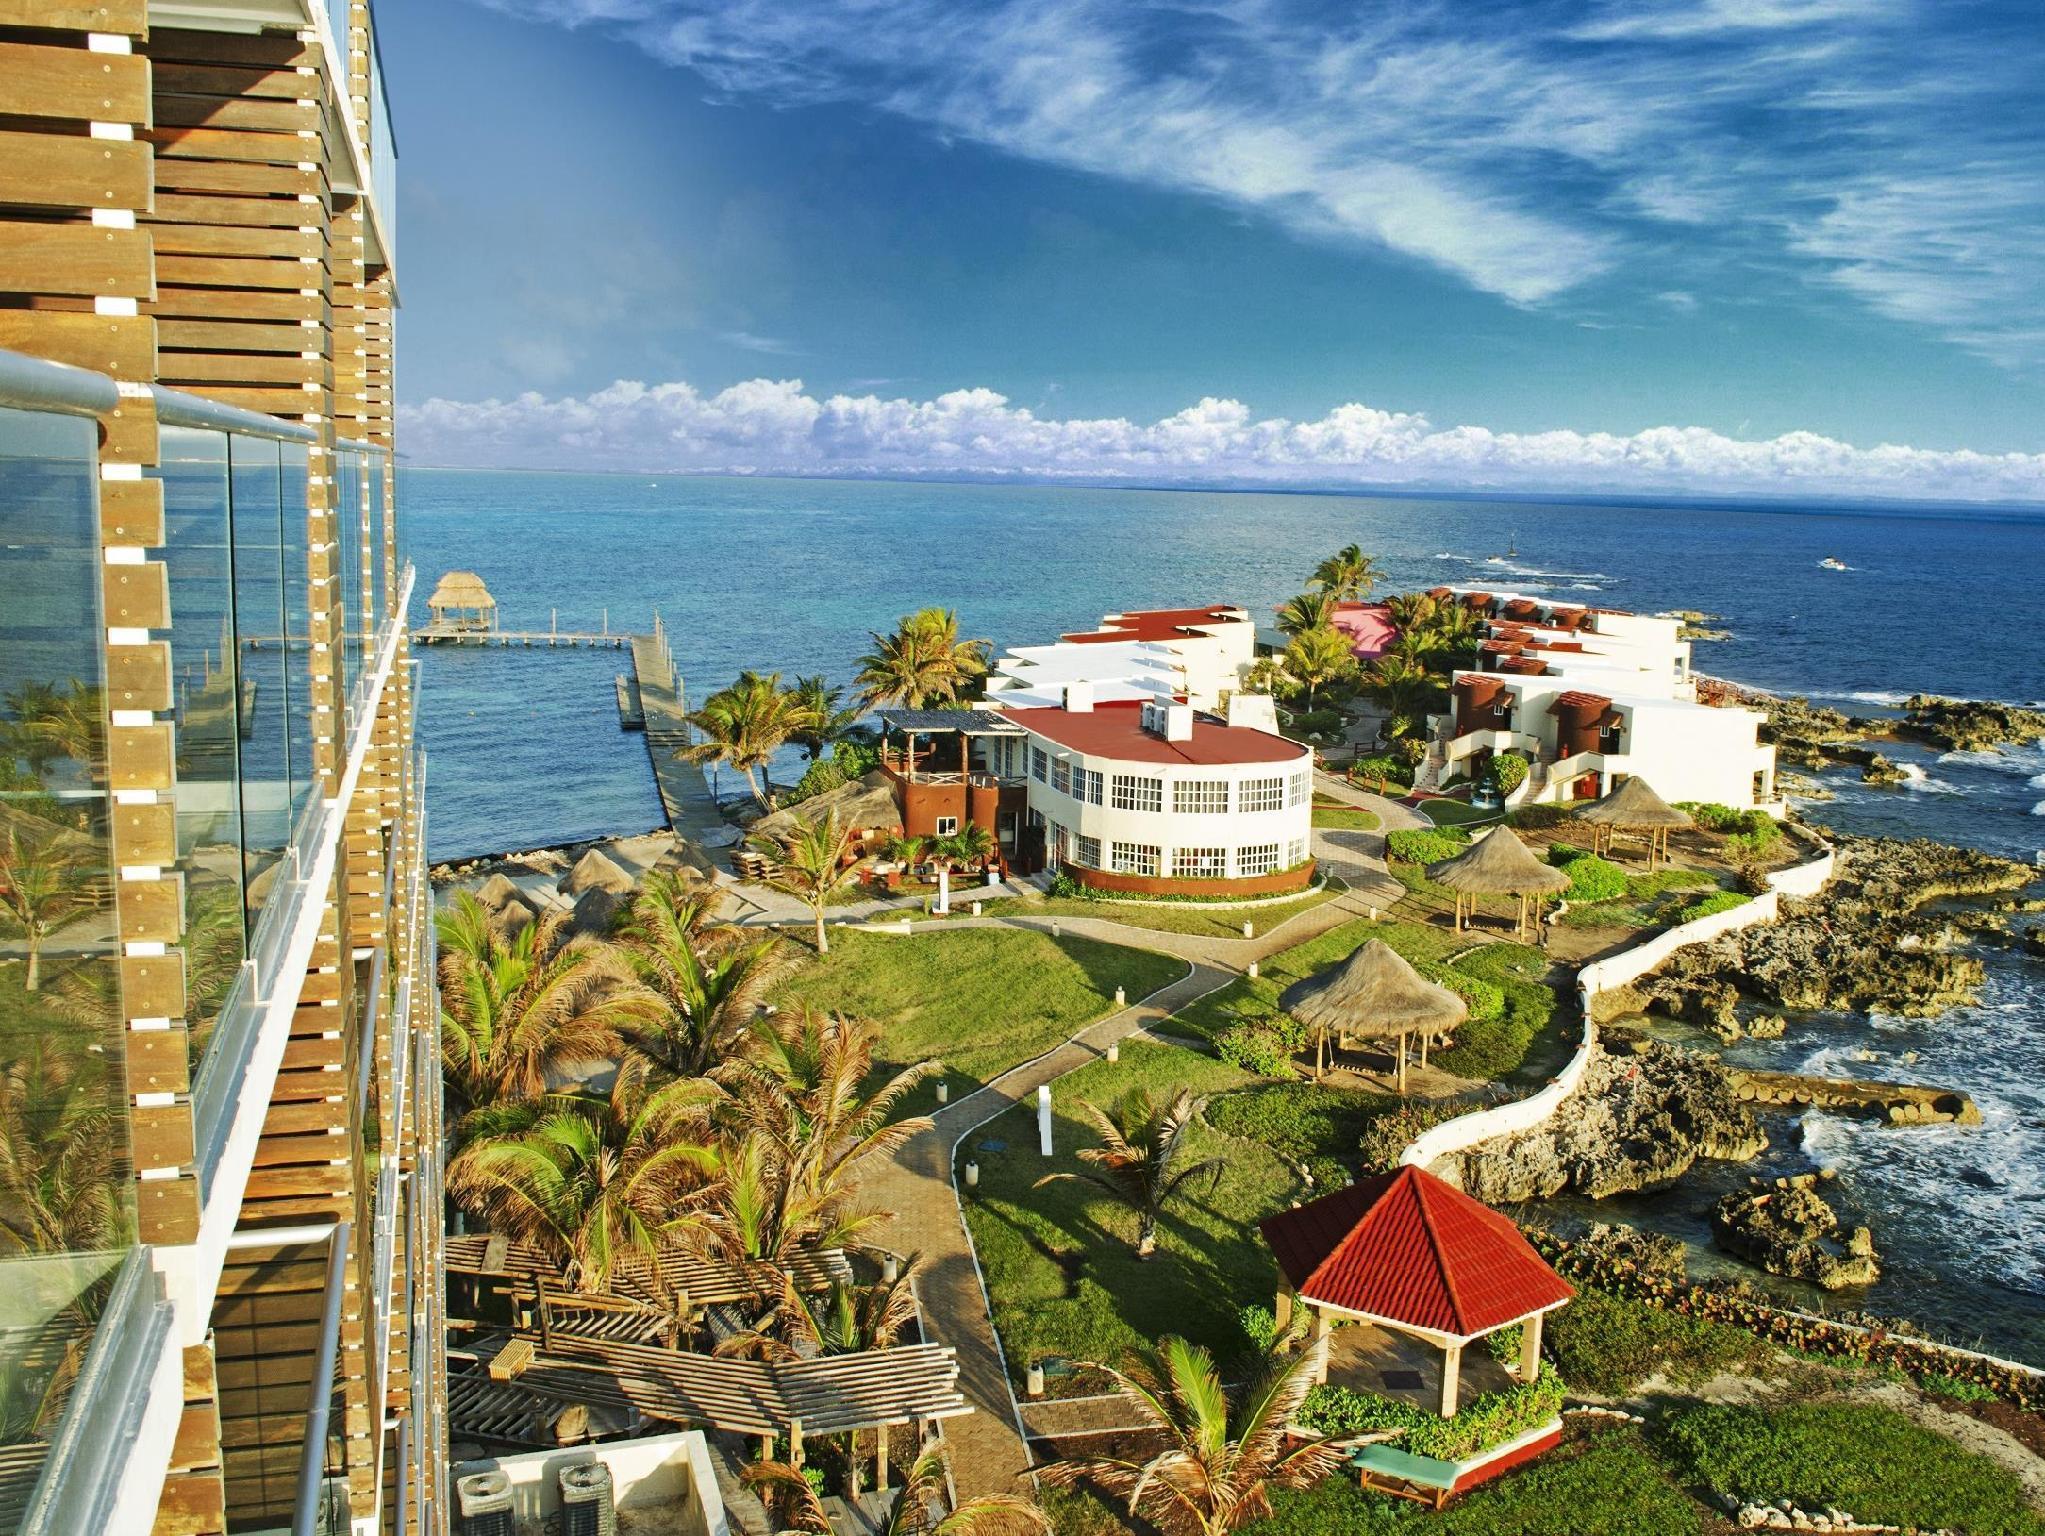 Mia reef isla mujeres all inclusive cancun mexico for All inclusive resorts in north america